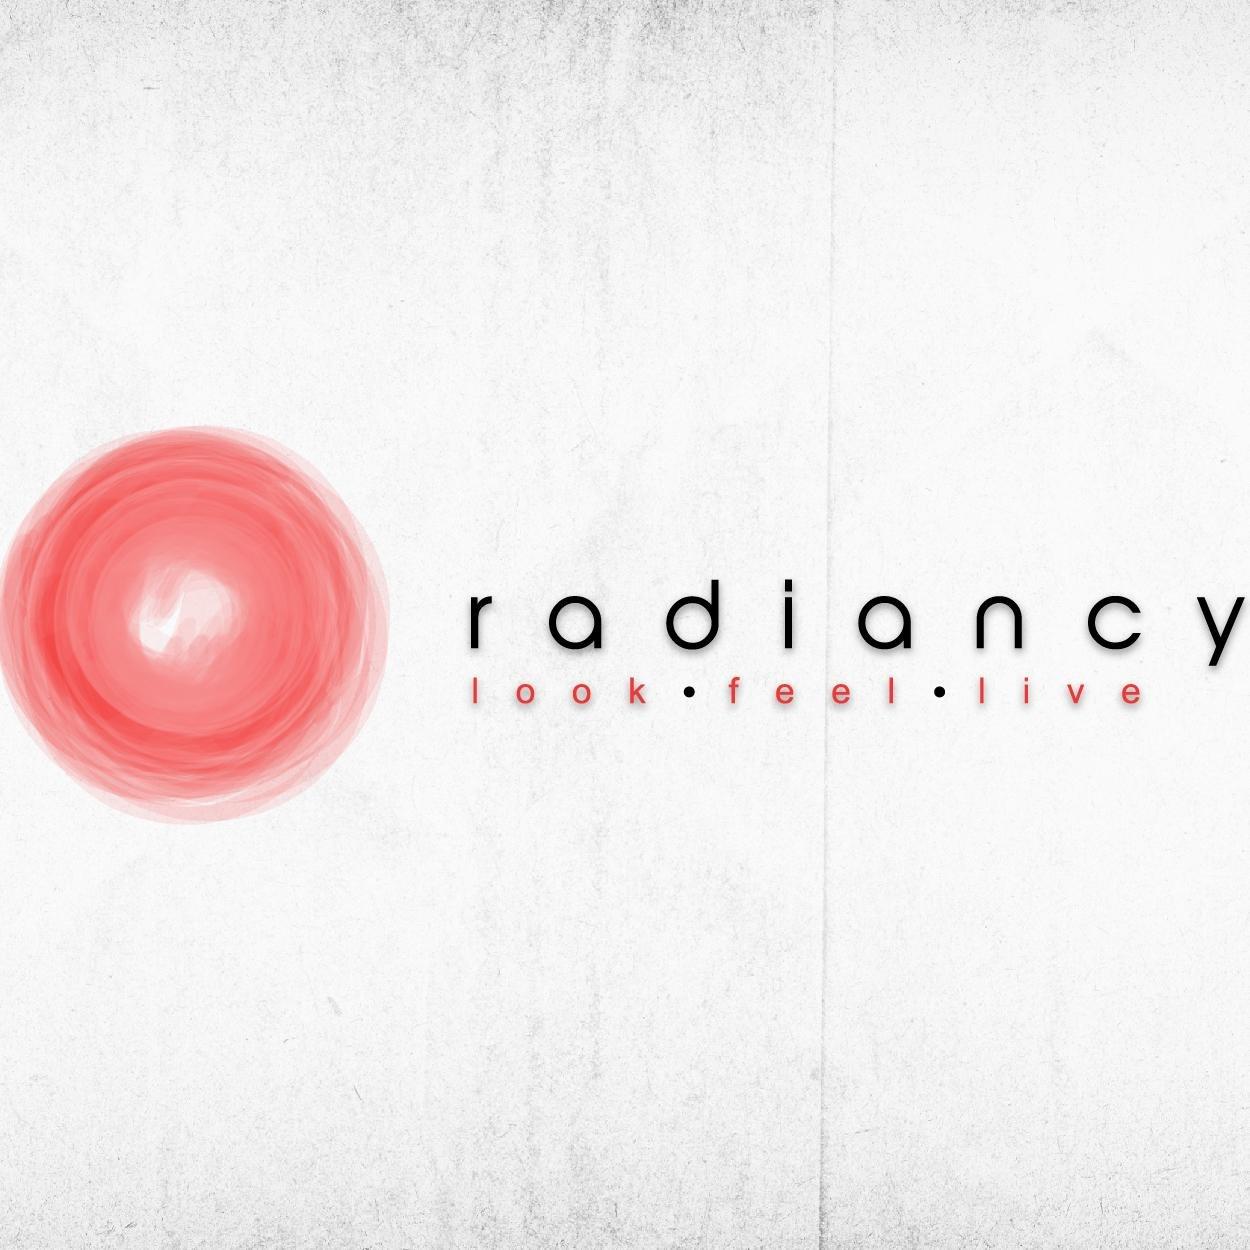 Radiancy